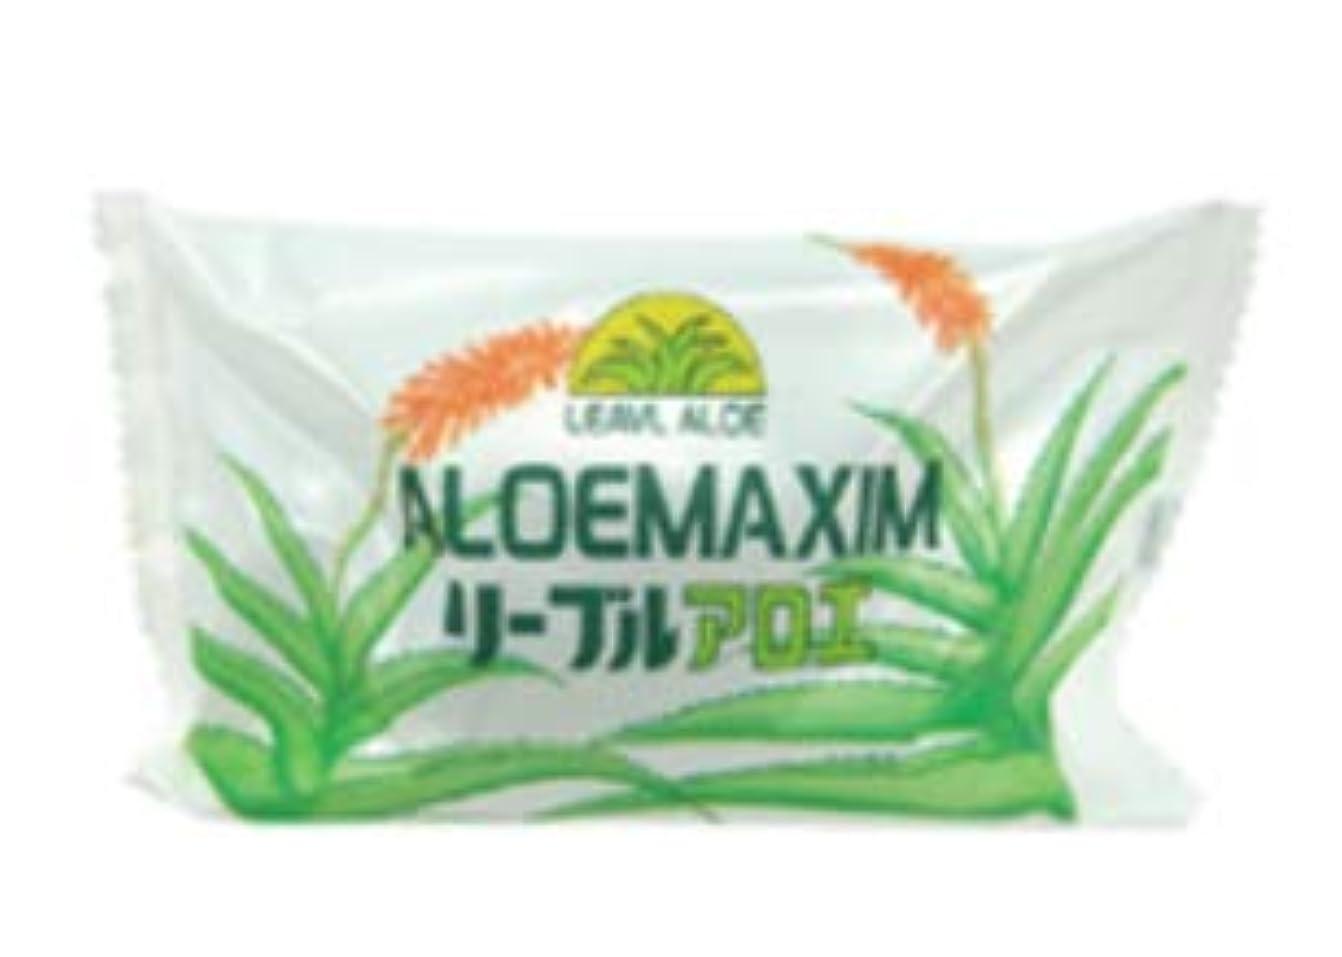 飾るぶら下がる男フタバ化学 アロエマキシム アロエ石鹸 100g 100個セット 業務用石鹸